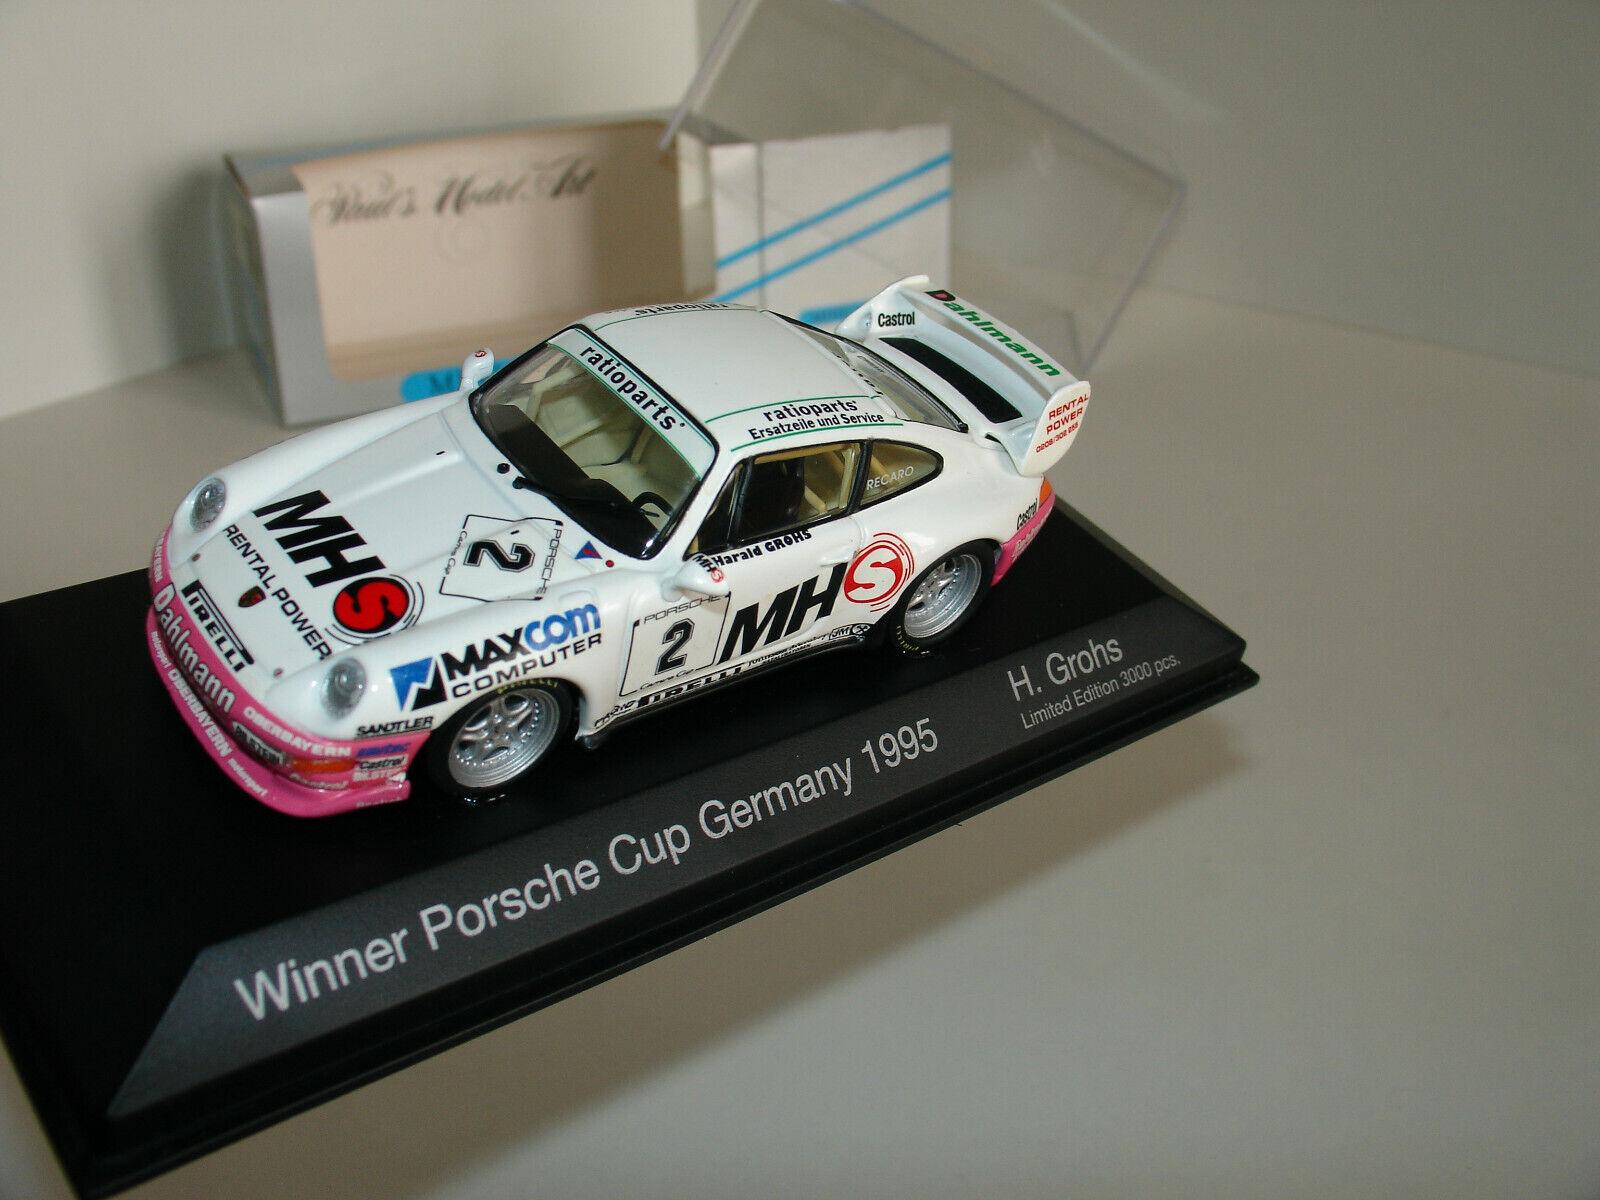 la red entera más baja 1 43 Porsche Porsche Porsche 993 RS  2 Ganador Copa Porsche Alemania 1995 H. GROHS por Minichamps  ventas en linea